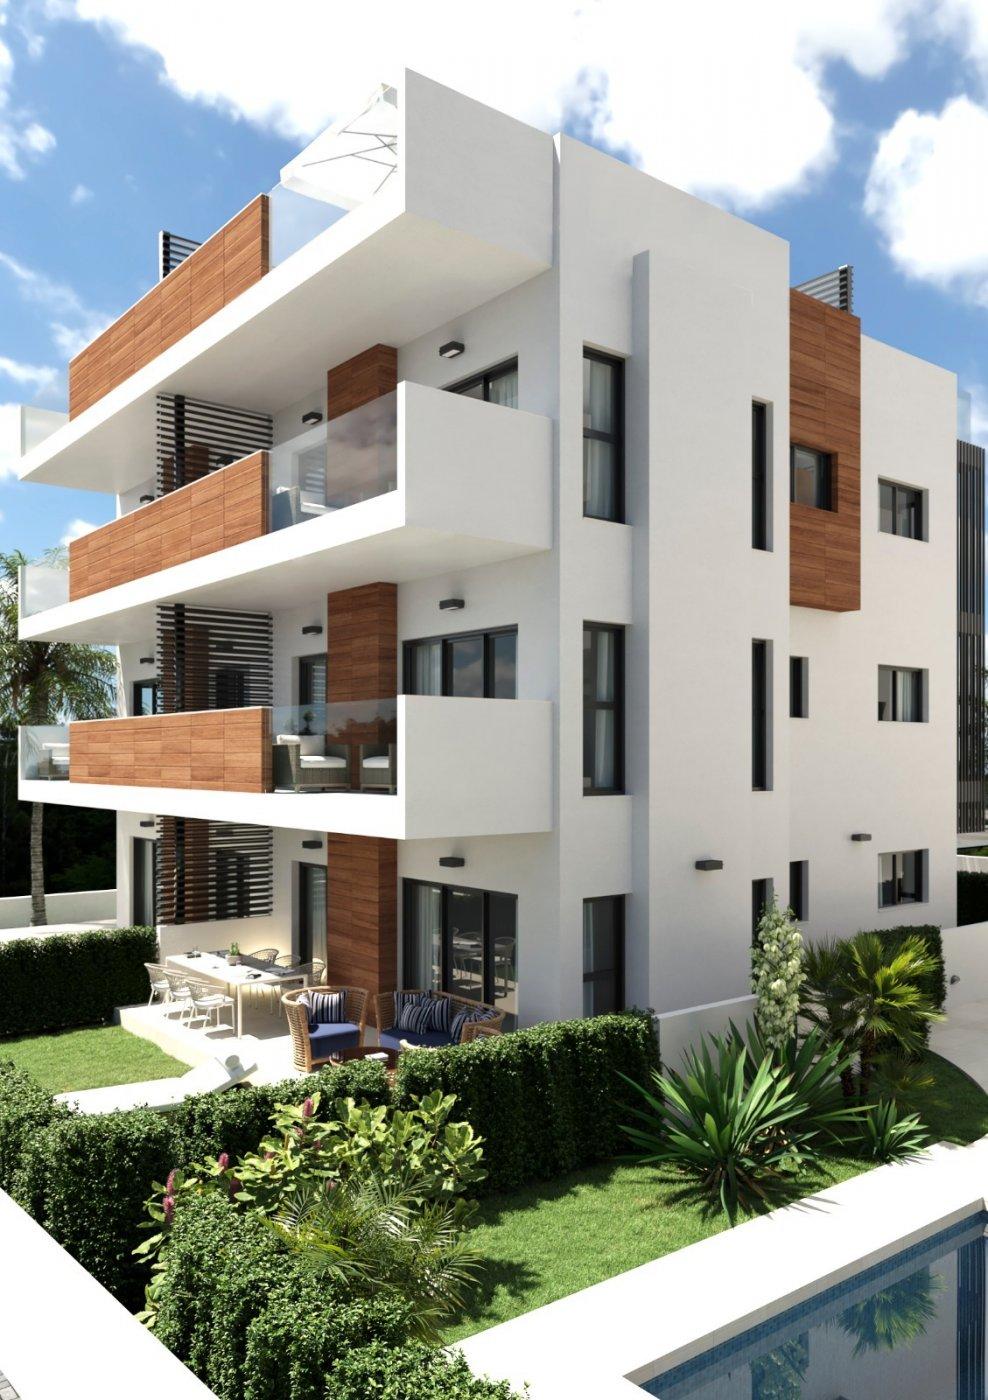 Nuevo residencial en san javier!!! - imagenInmueble3